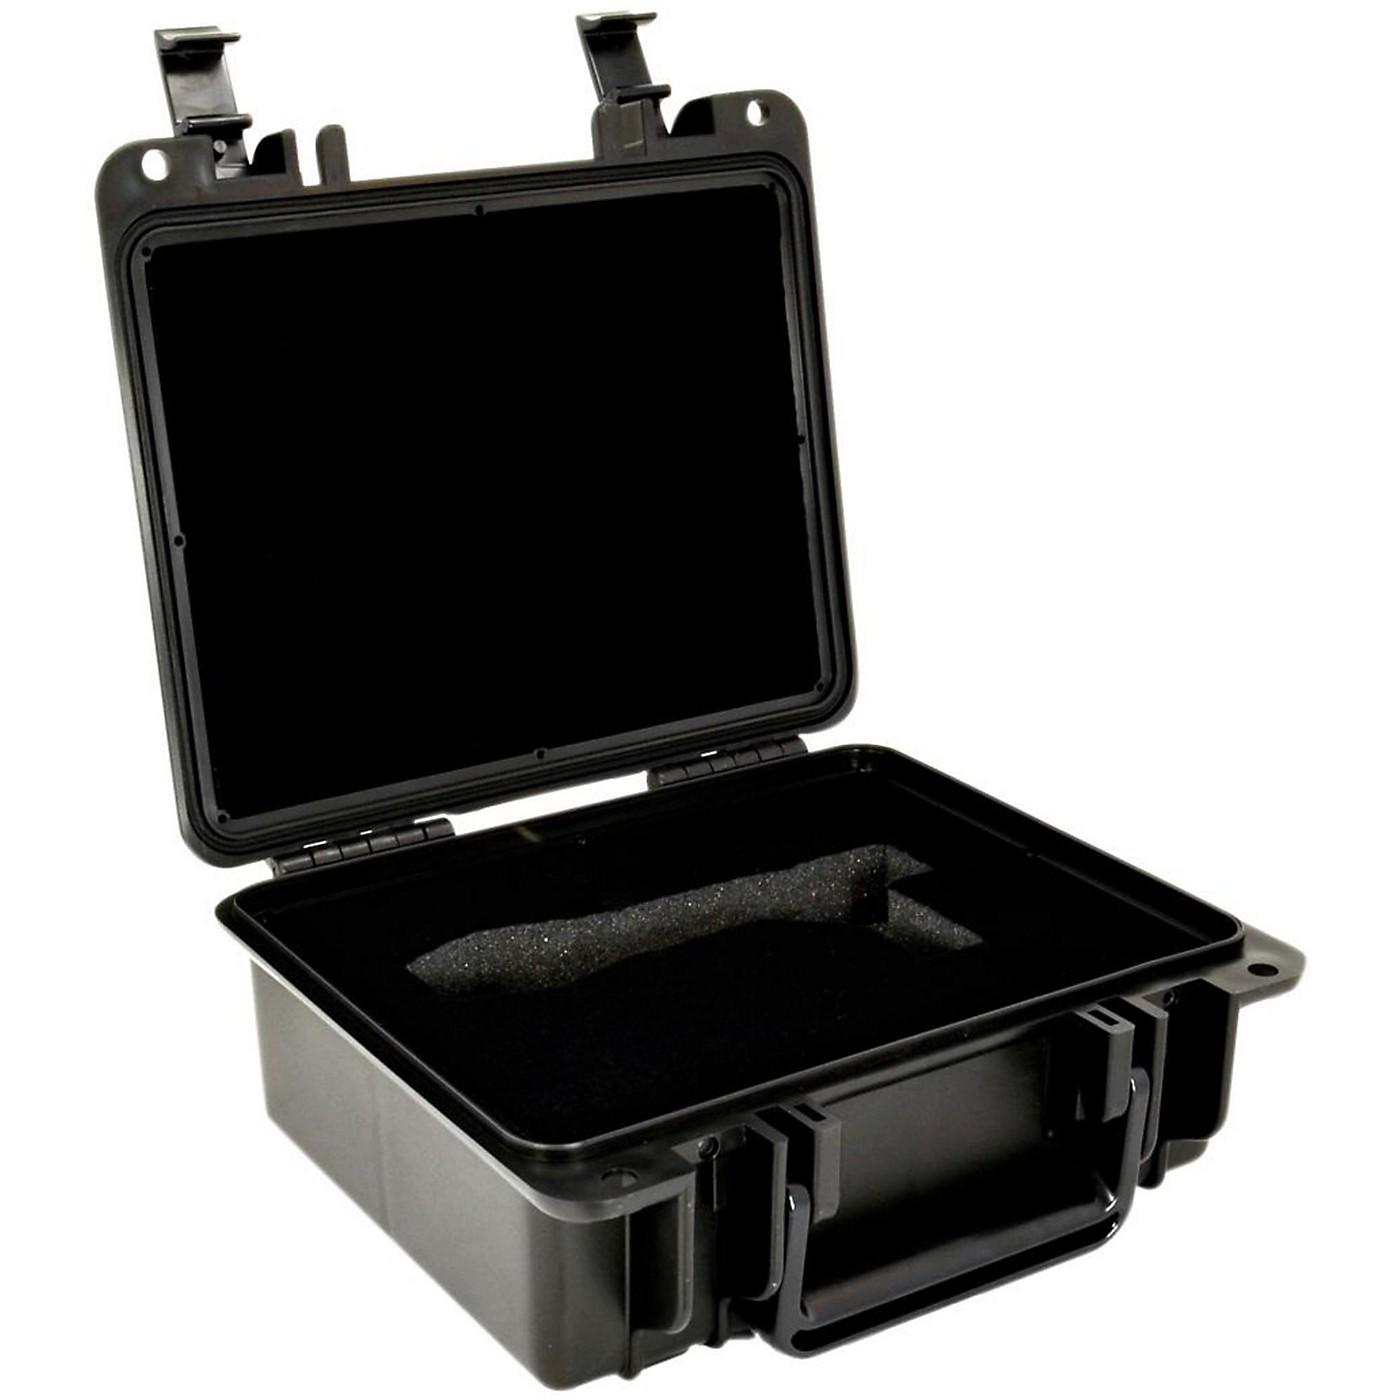 Earthworks SR40V-C Carrying Case for SR40V thumbnail